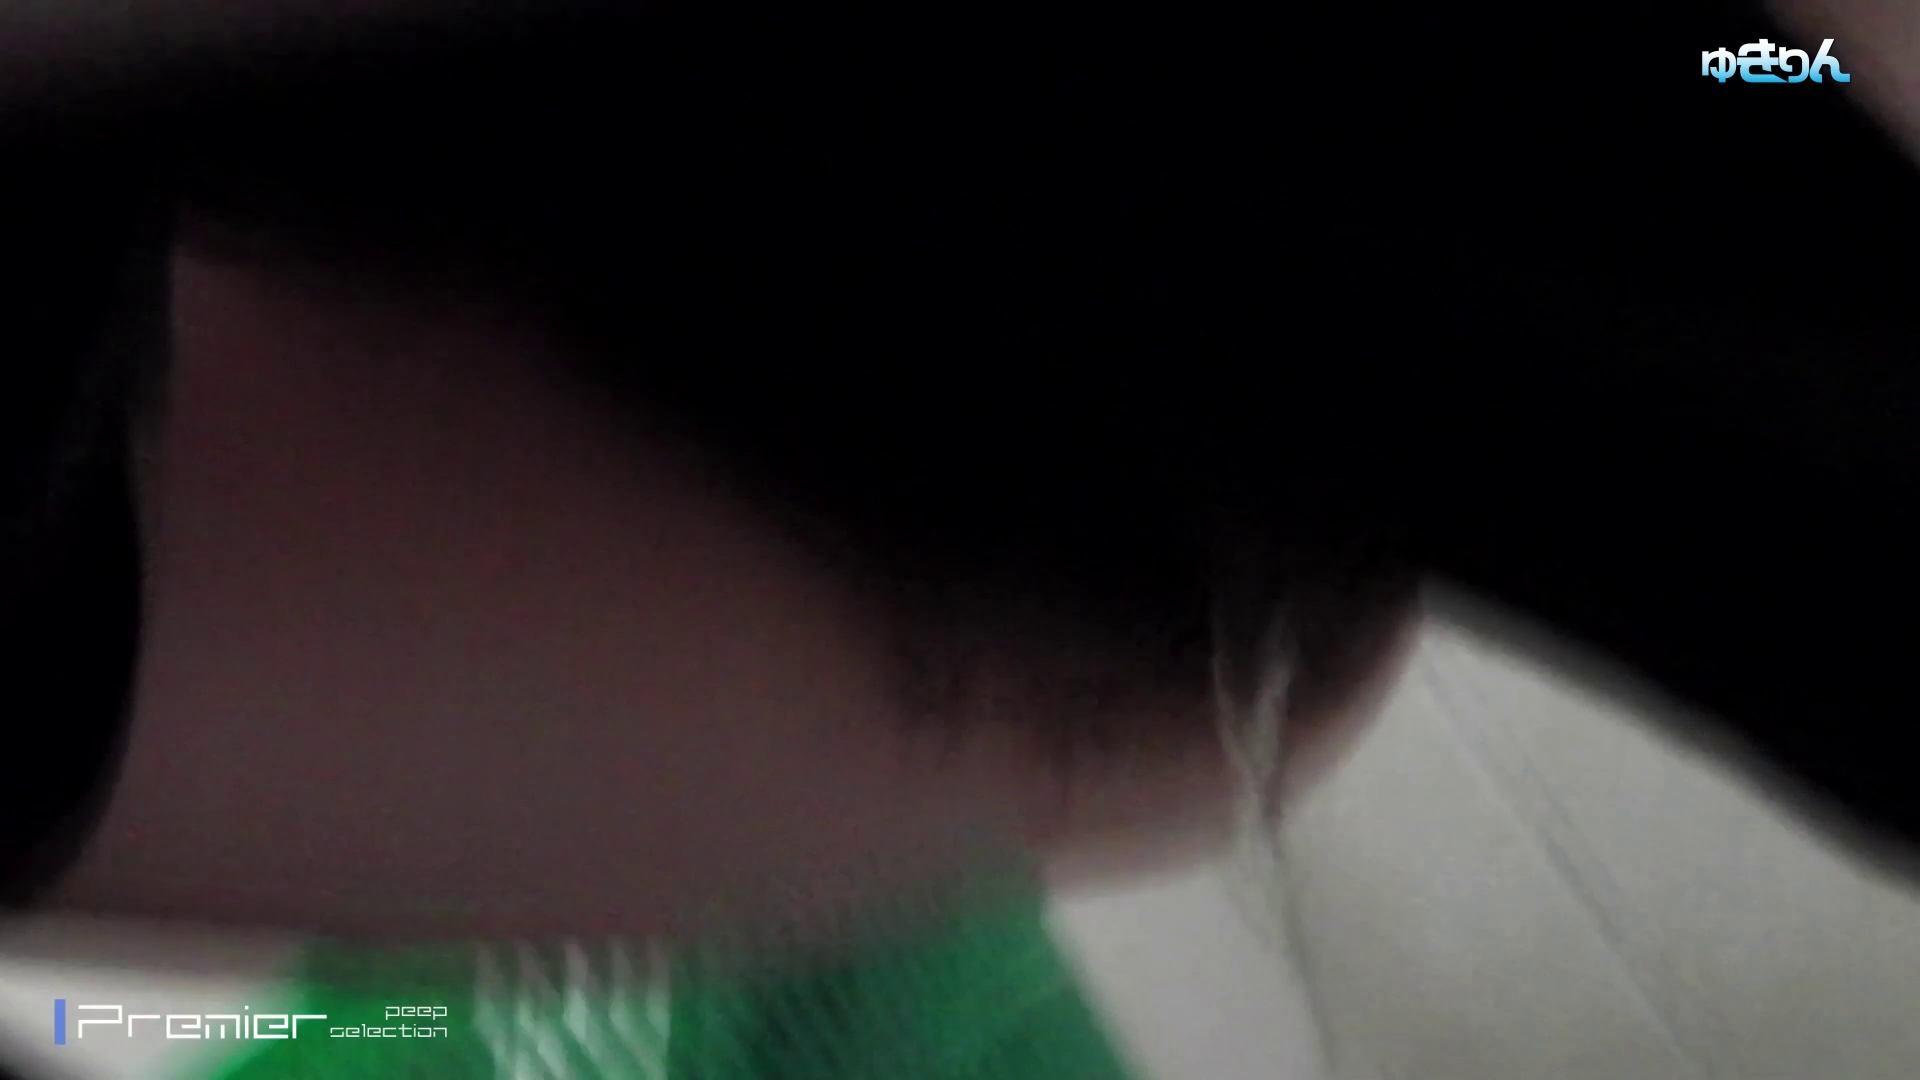 ステーション編 vol60 ユキリン粘着撮り!!今回はタイトなパンツが似合う美女 エッチなパンツ   美女  95枚 93